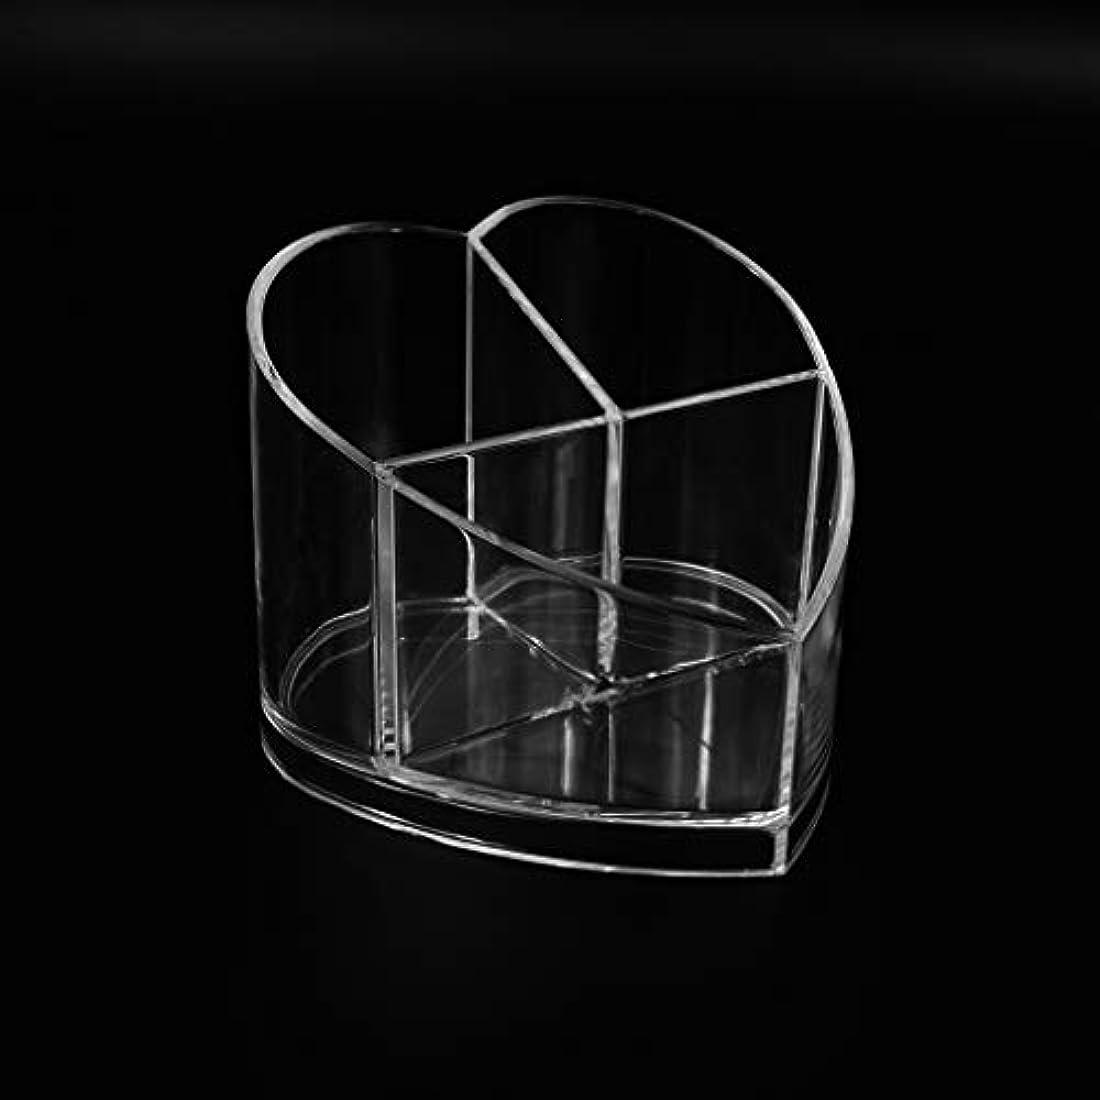 ノーブルソファー露RiLiKu 卓上収納ケース アクリル メイクブラシホルダー コスメ収納 透明 卓上ペン立て 文房 具 口紅 化粧ブラシ ネイルカラー 収納ケース